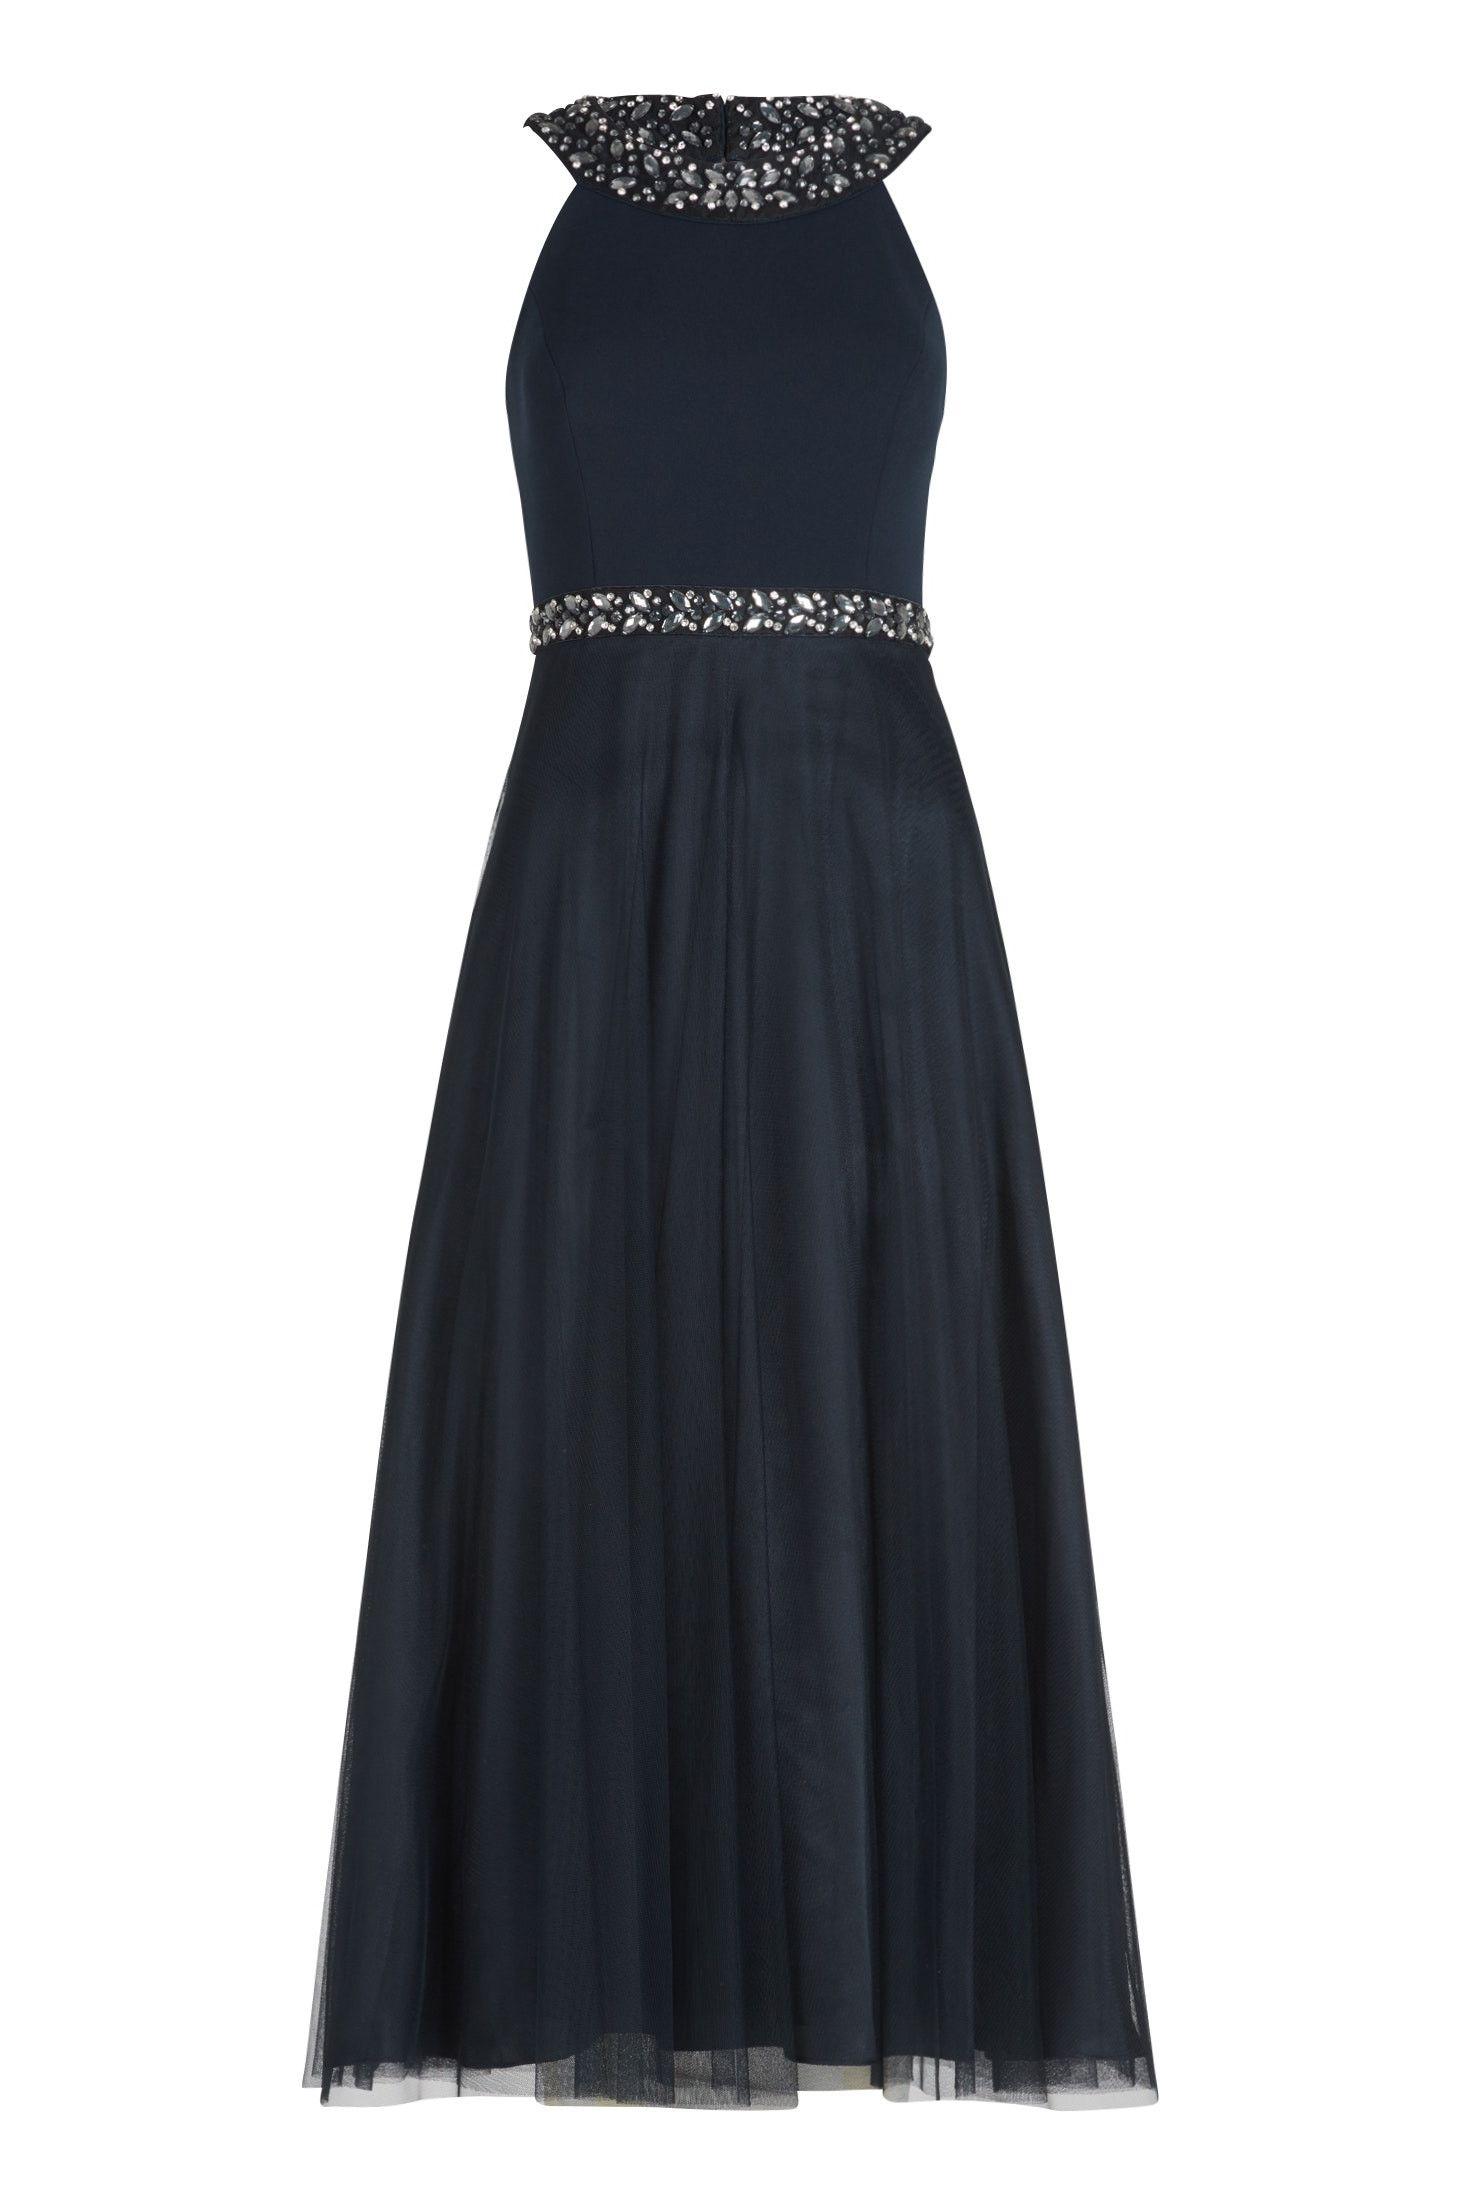 langes midikleid in dunkelblau. tolles kleid von vera mont